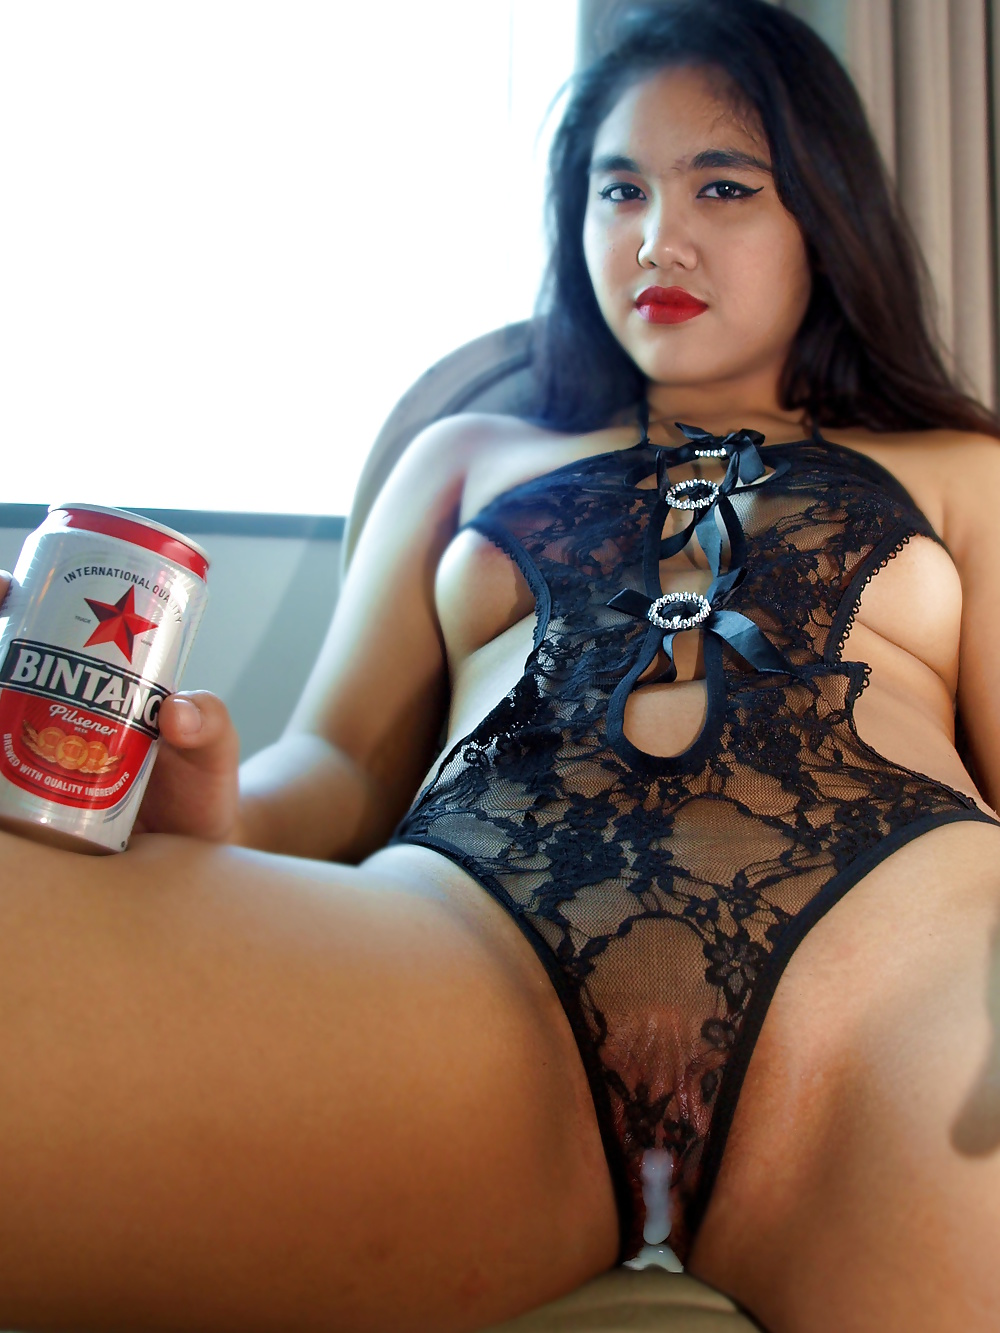 Celebrity nude hot nude panties indonesia